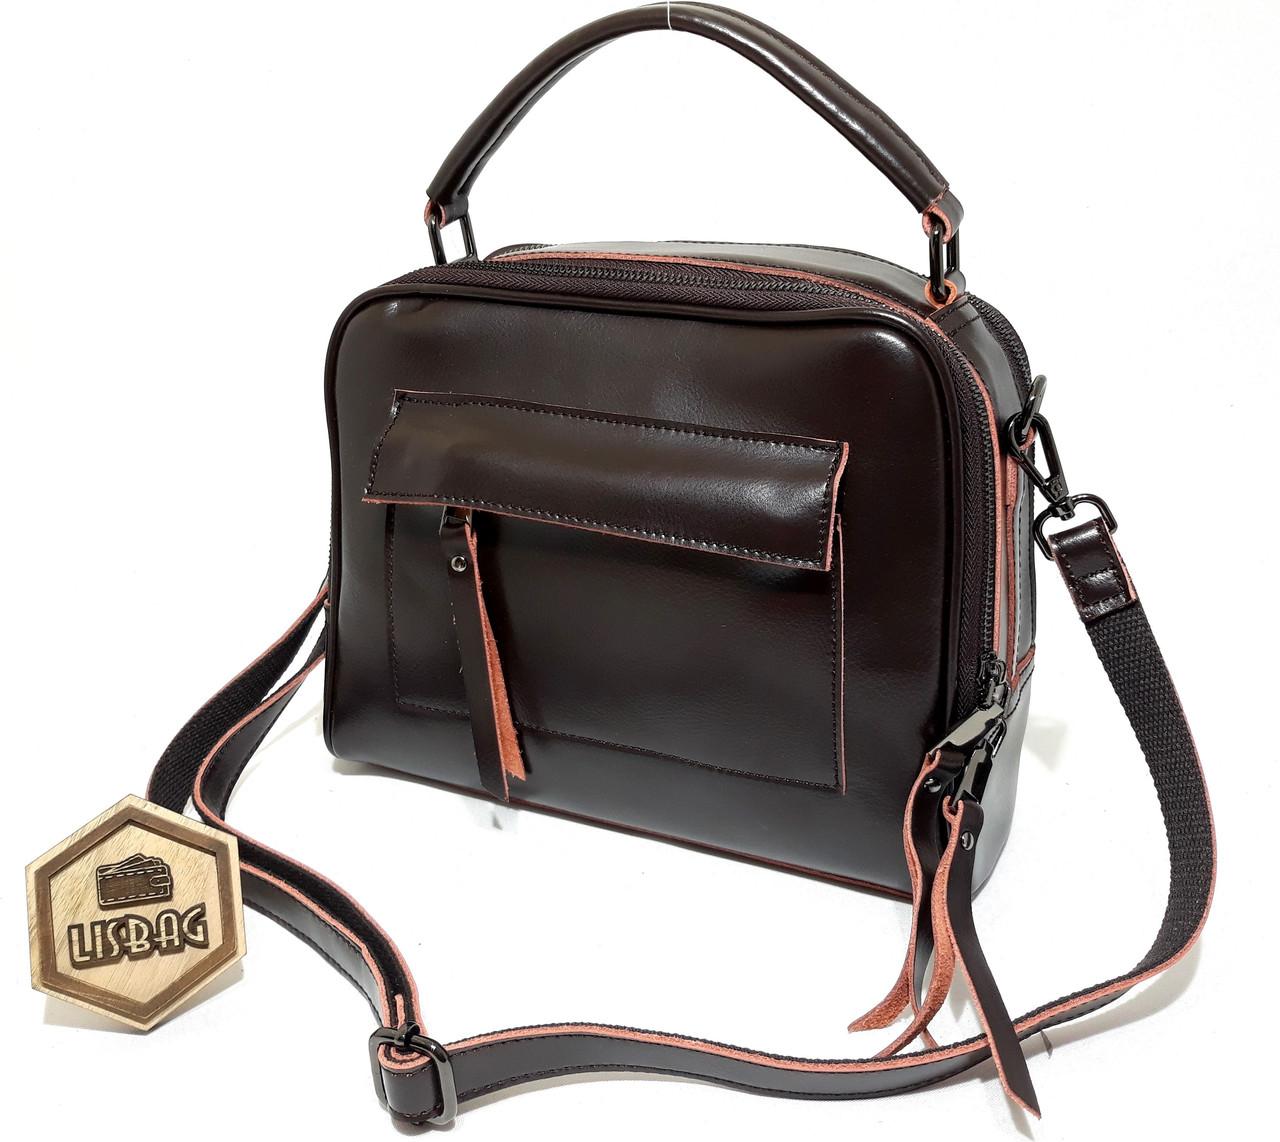 c64f8015d3ce Женская кожаная сумка Темно-коричневая цвета для повседневной носки ...